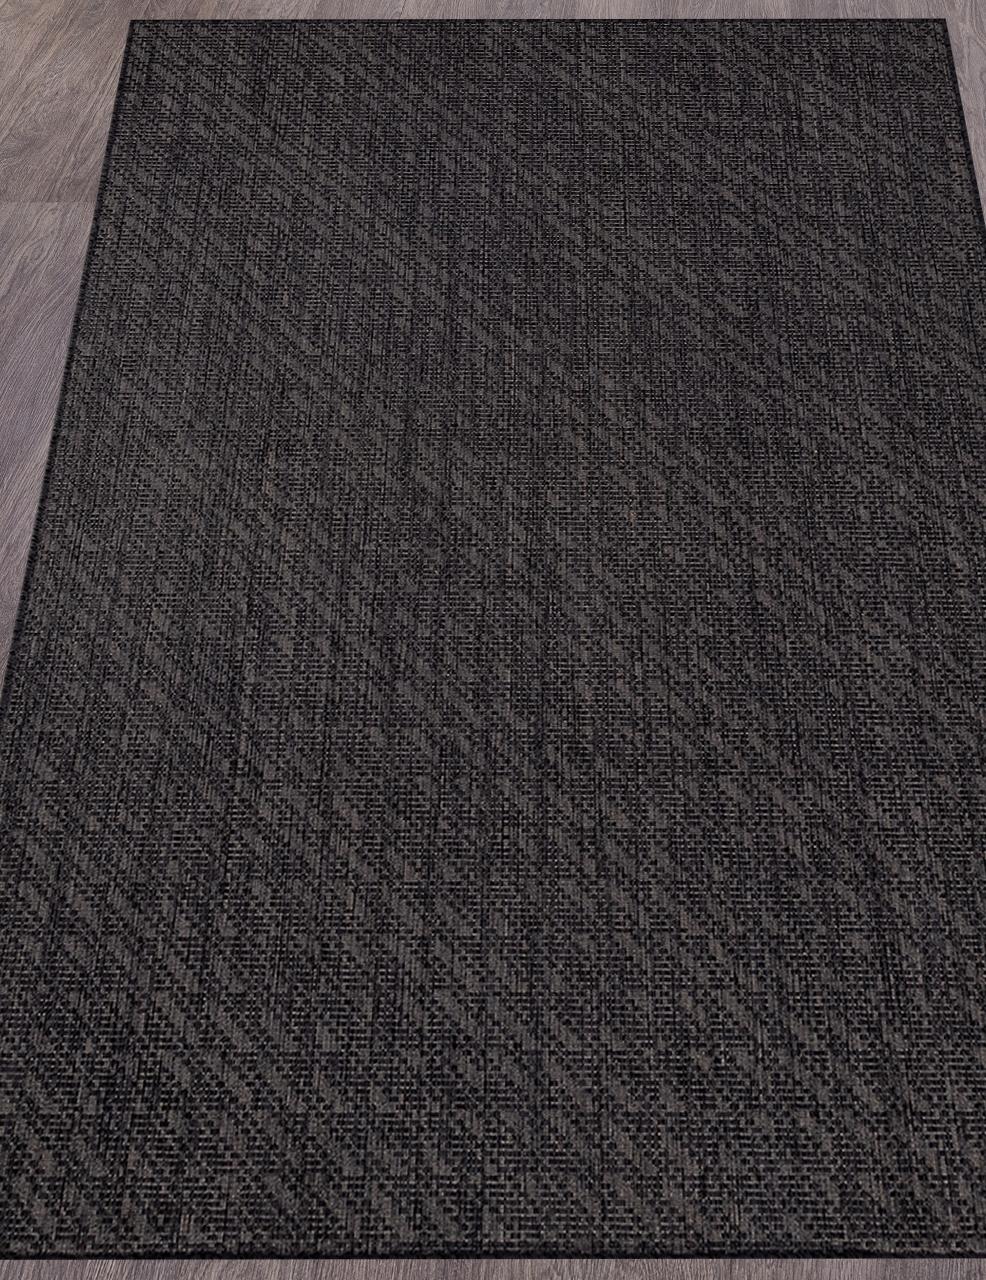 VEGAS - S113 - BLACK